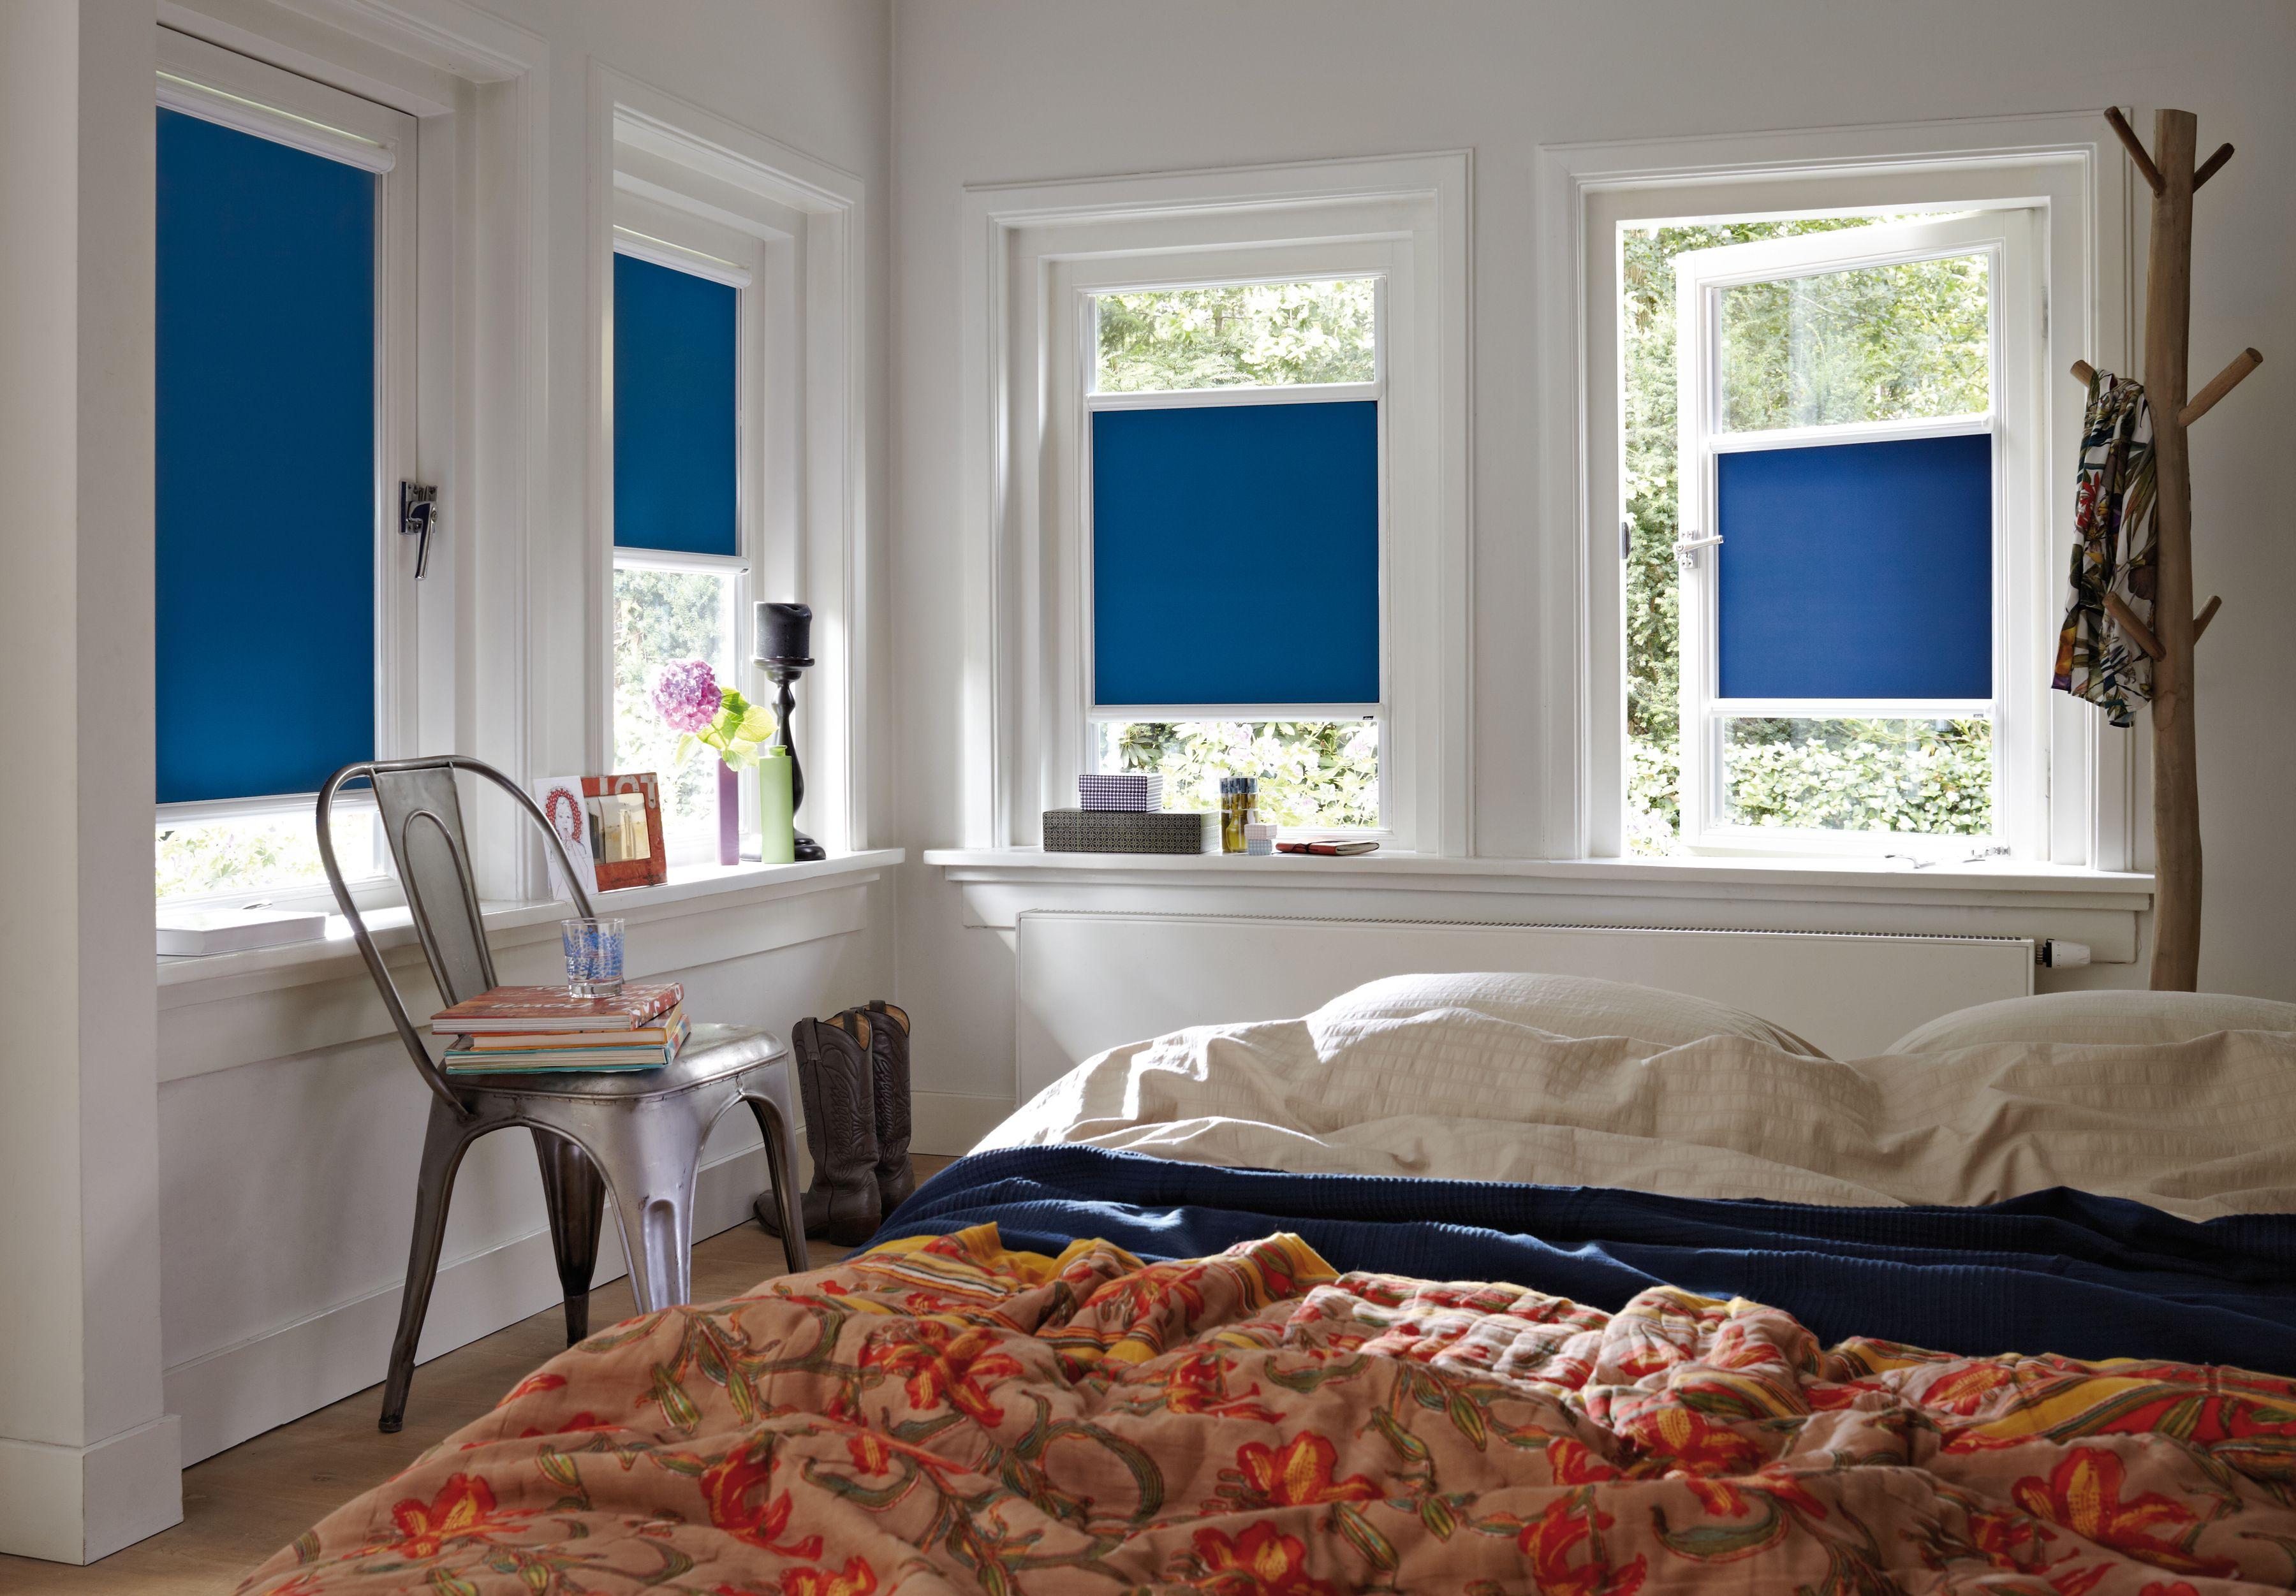 Rolgordijnen Slaapkamer 74 : Rolgordijnen zie je in de meeste huishoudens wel terugkomen het